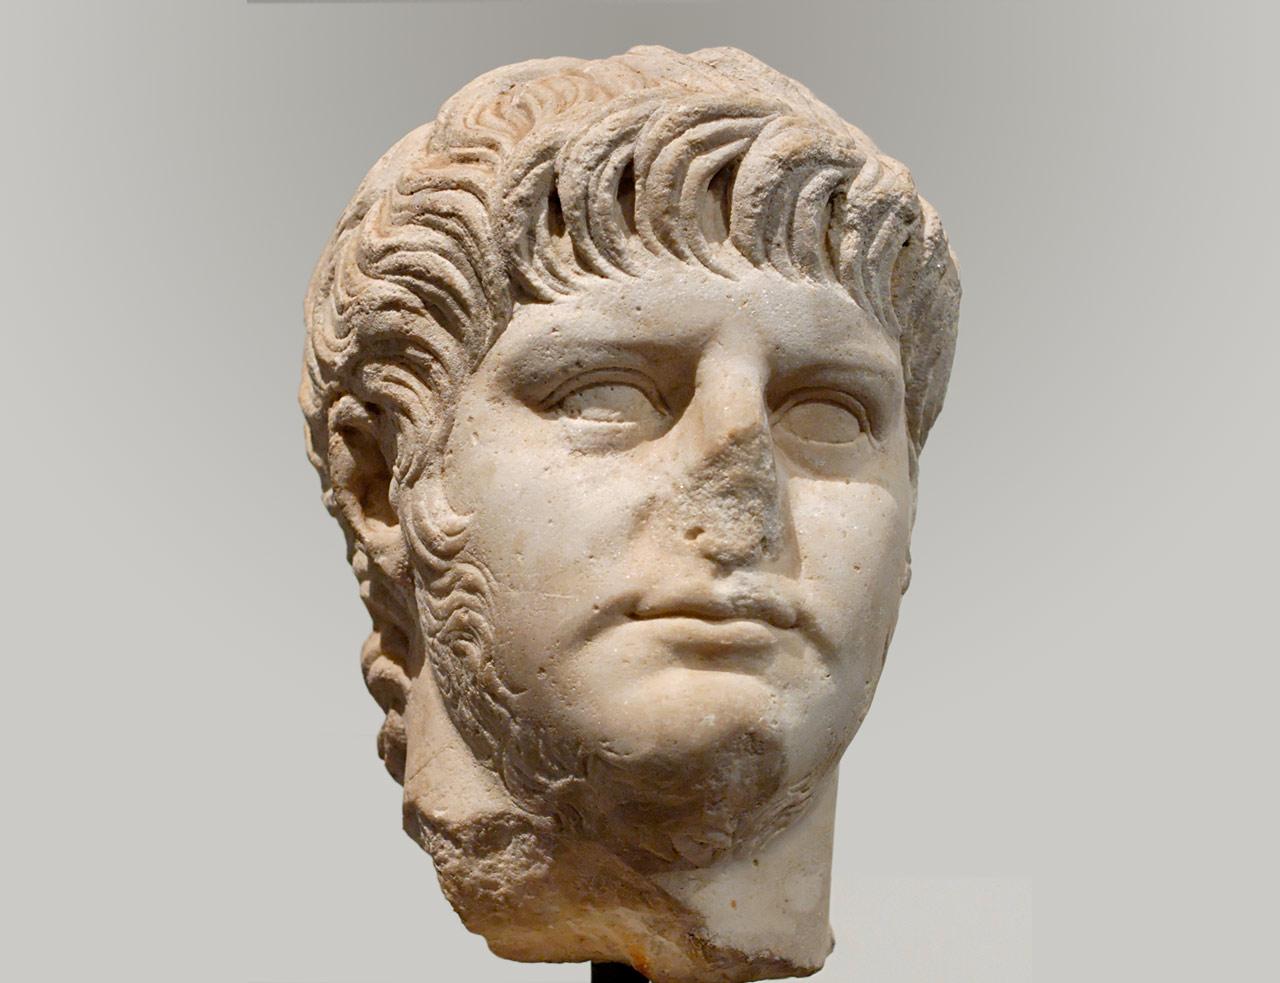 上图:被施以除忆诅咒(Damnatio memoriae)的尼禄雕像,尼禄的鼻子已被挖去。除忆诅咒,指从人们的记忆中消除某个人的存在。这是在古罗马元老院对于某些已故人士的惩罚,遭到除忆诅咒的人士生前曾经出现过的铭文、雕像、货币、文字记录等等,全都要被销毁、抹去或改写,仿佛他们不曾存在过一样。